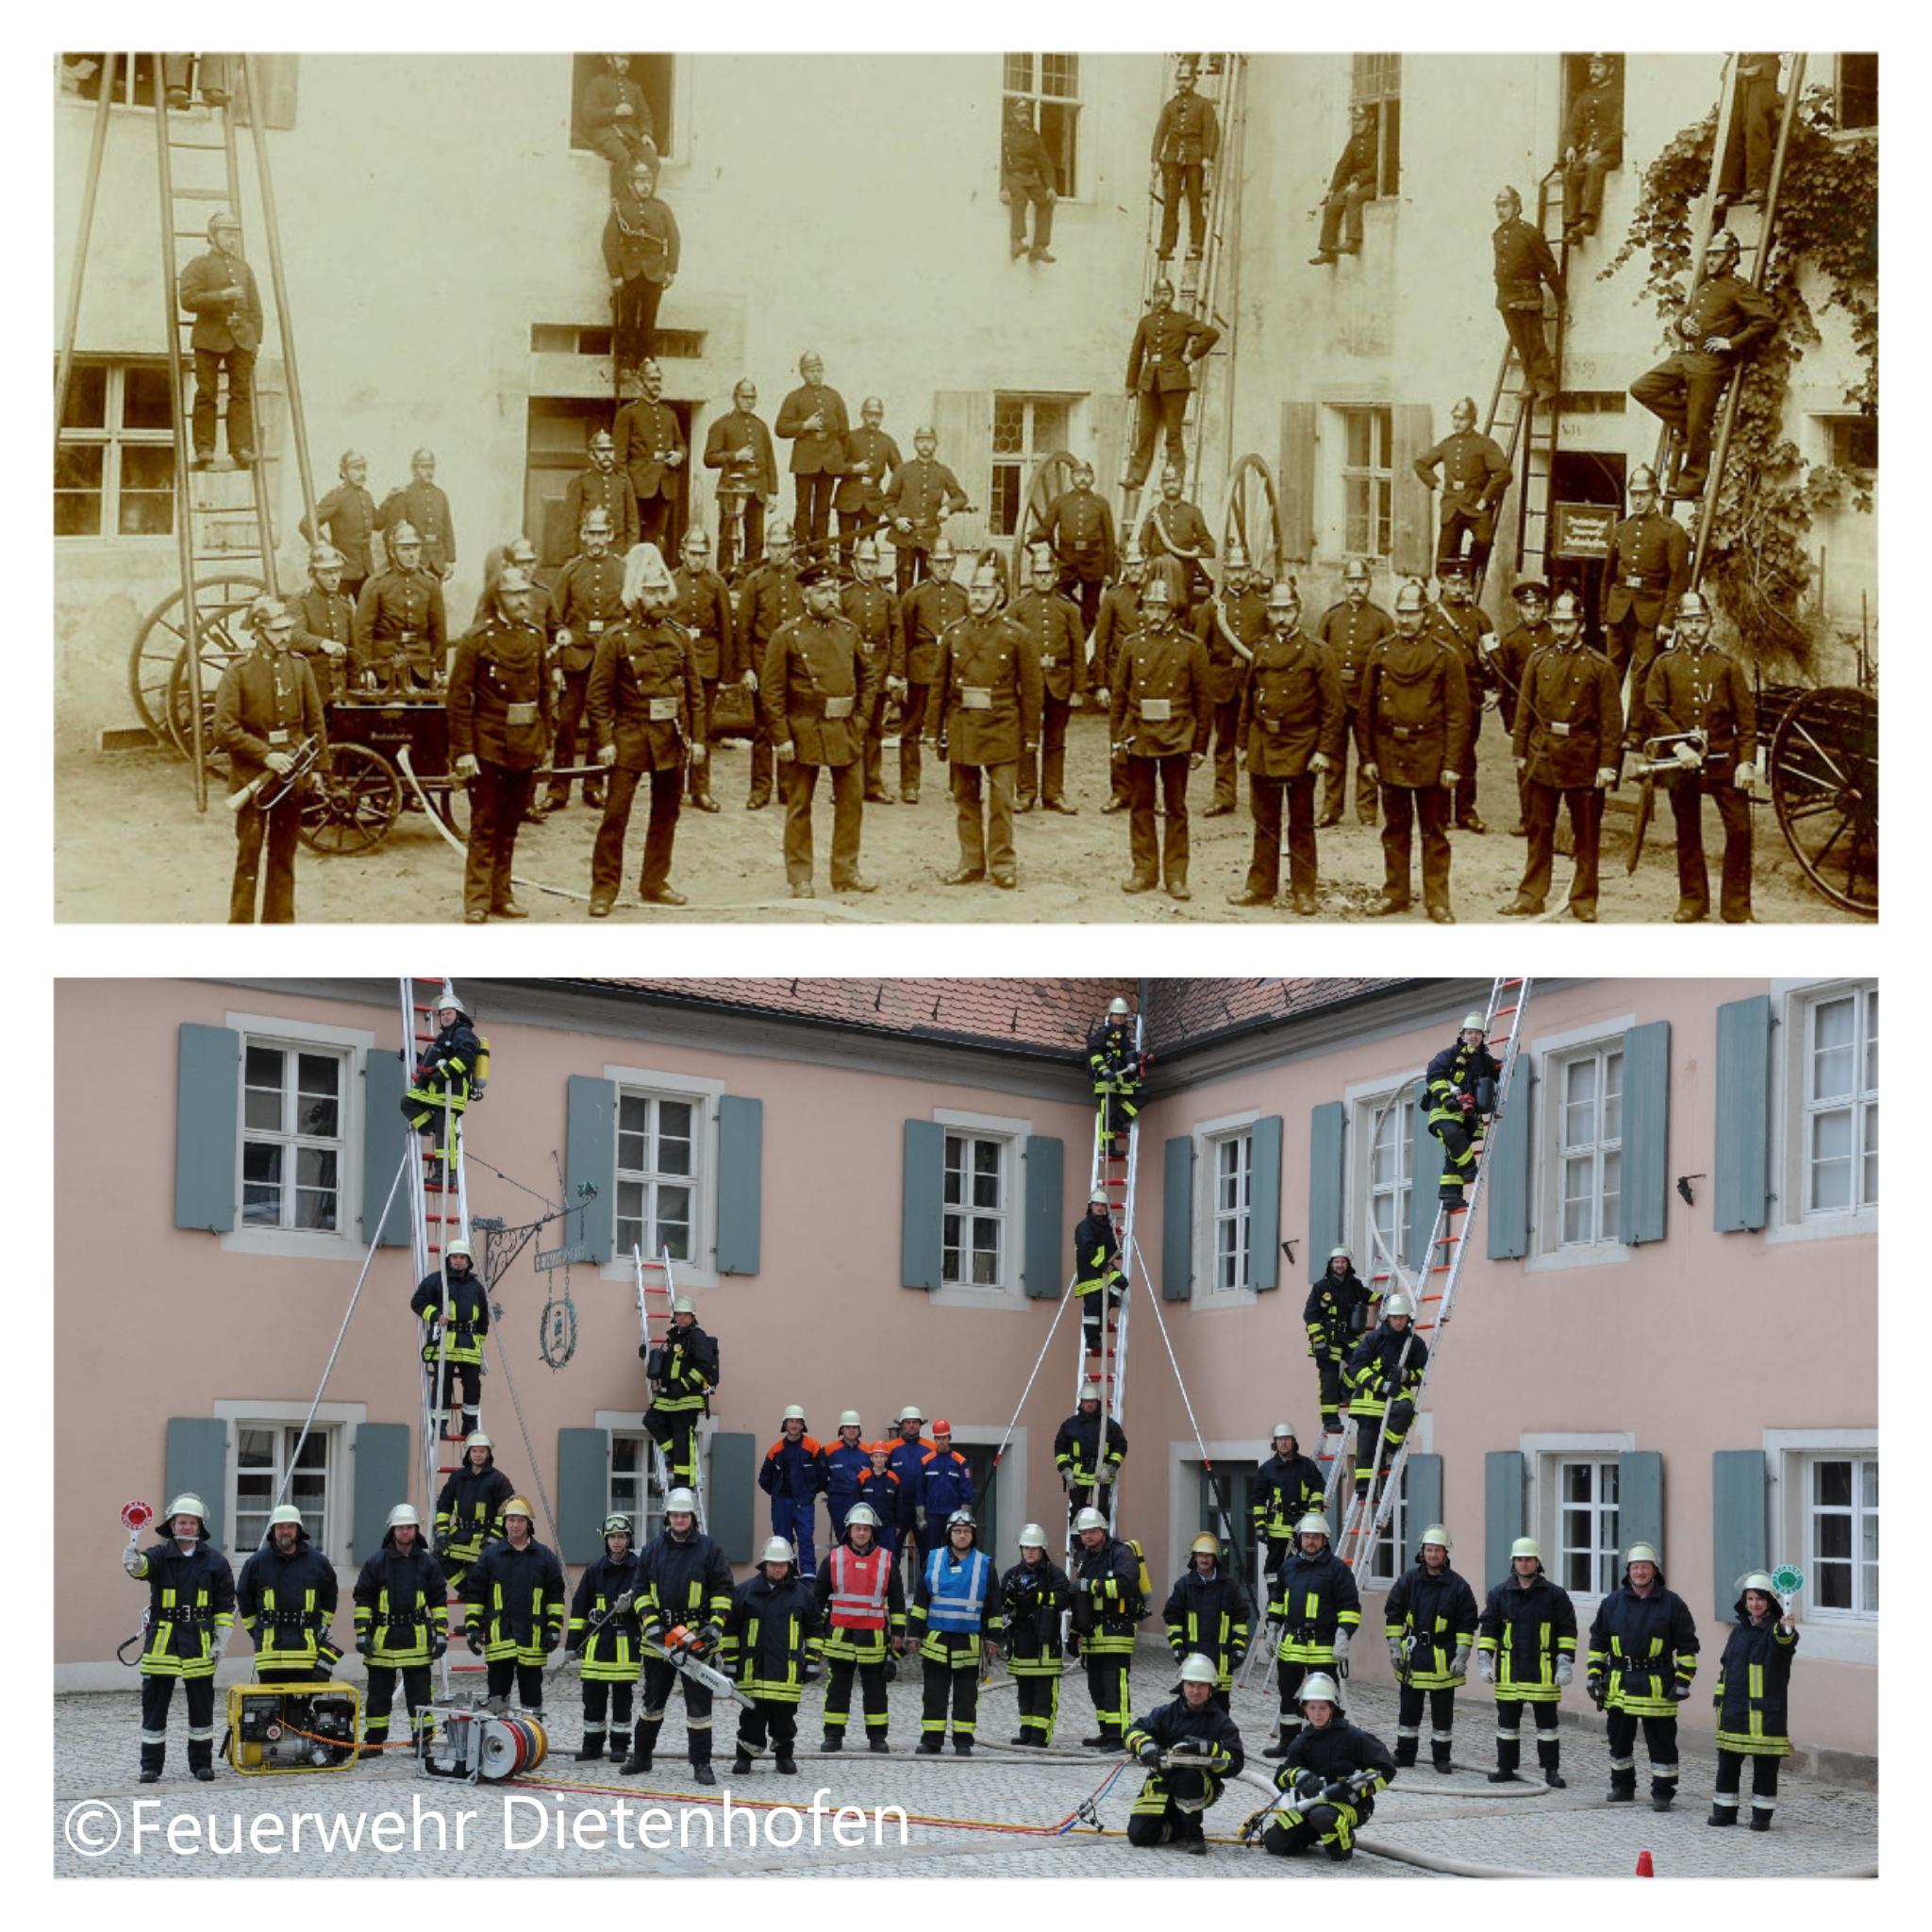 Die Feuerwehr Dietenhofen im Wandel der Zeit – Die Anfänge